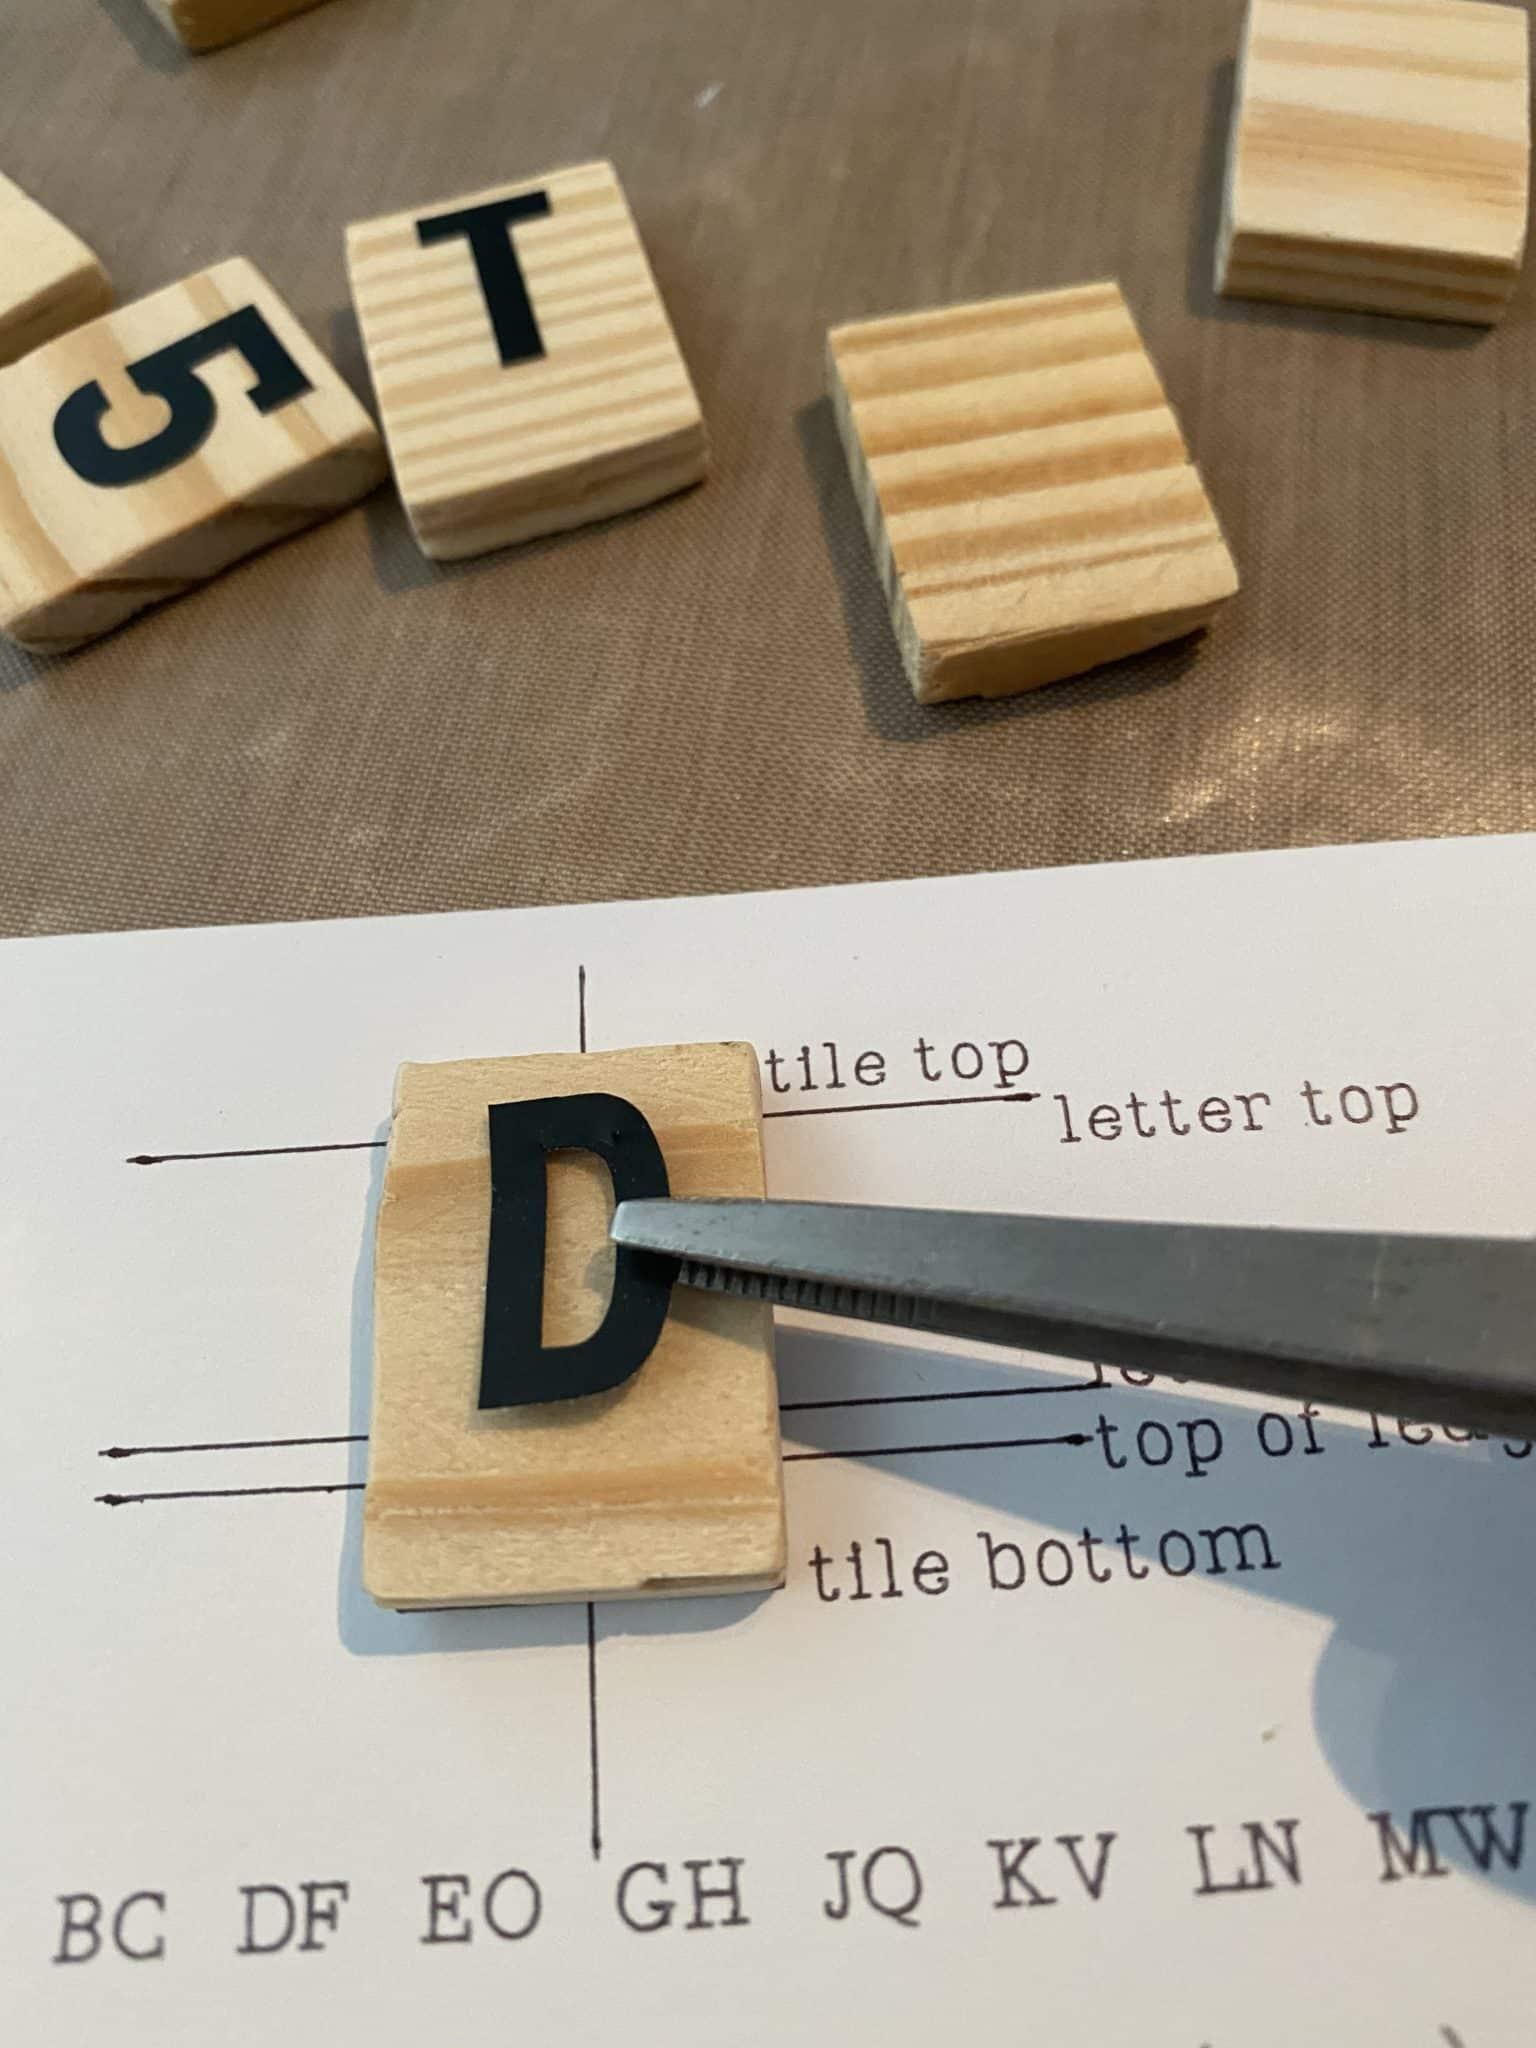 diy letterboard tiles